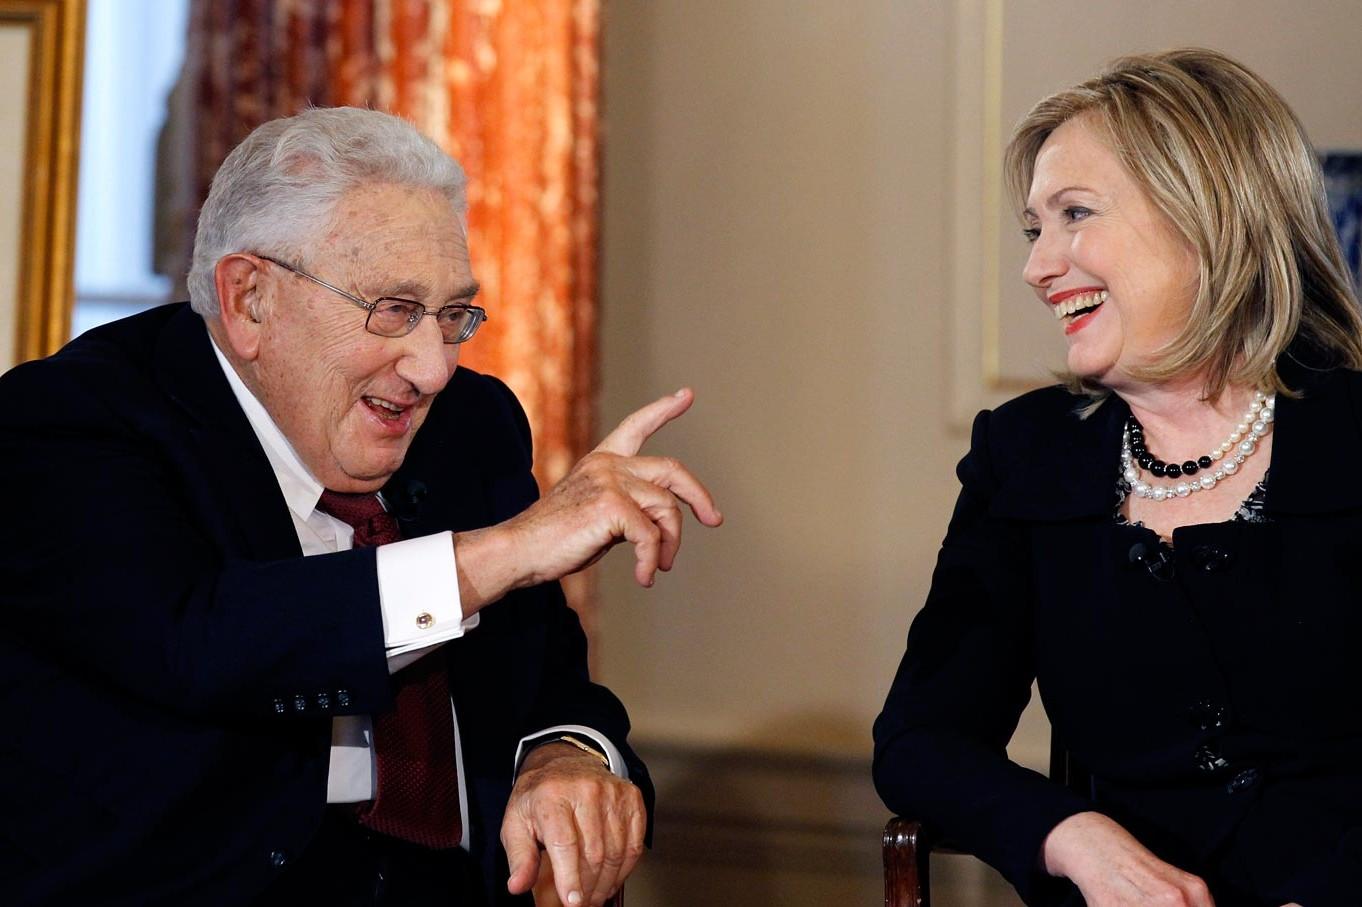 Bivši državni sekretar Henri Kisindžer u razgovoru sa državnom sekretarkom Hilari Klinton tokom jednog intervjua u Stejt departmentu, Vašington, 20. april 2011. (Foto: AP Photo/Alex Brandon)